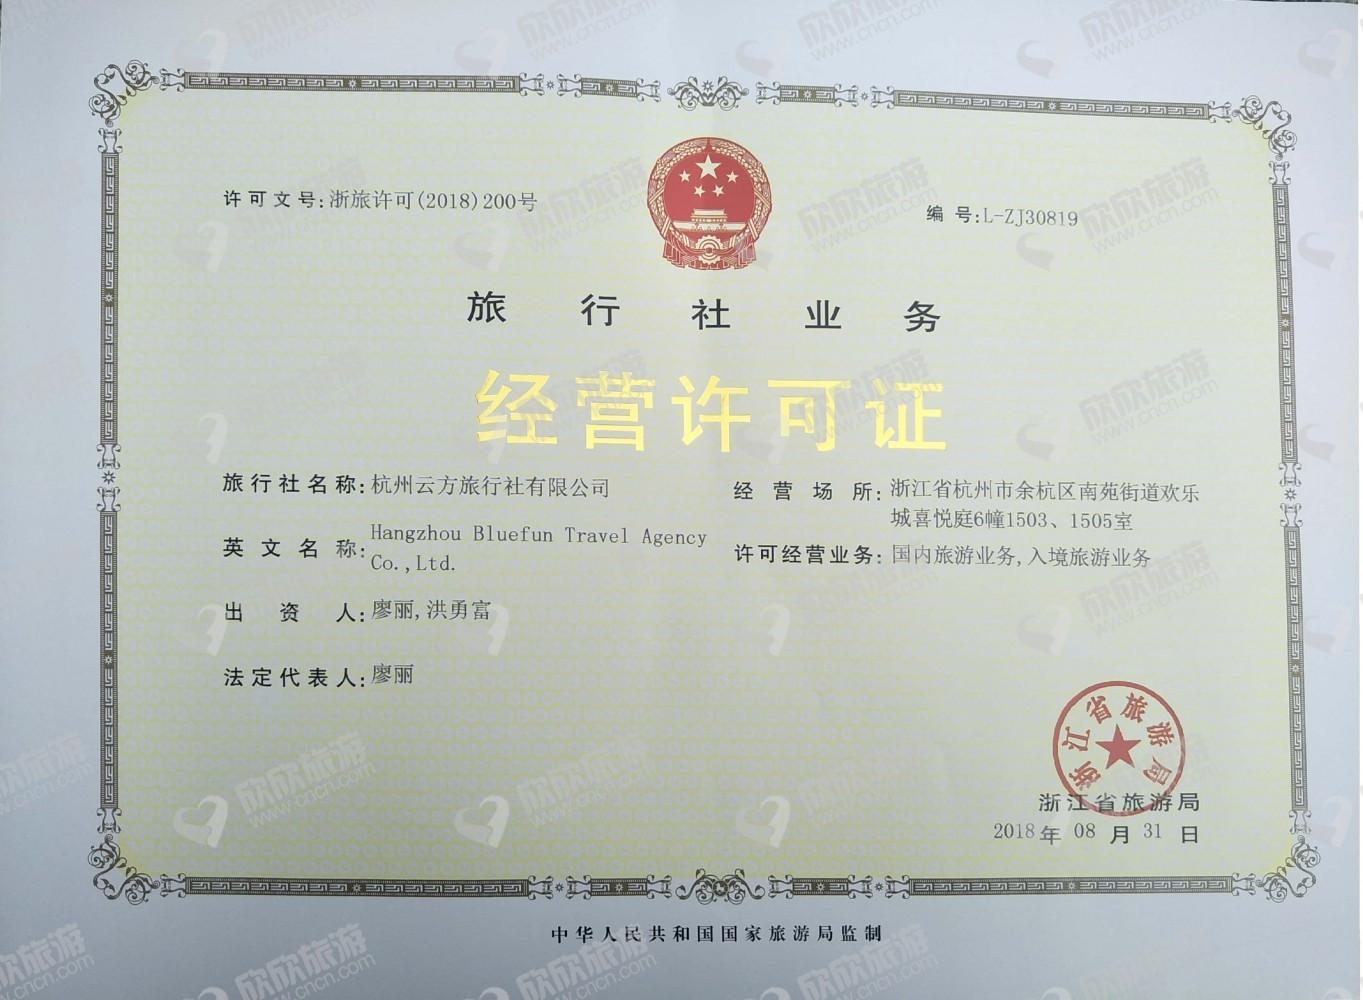 杭州云方旅行社有限公司经营许可证